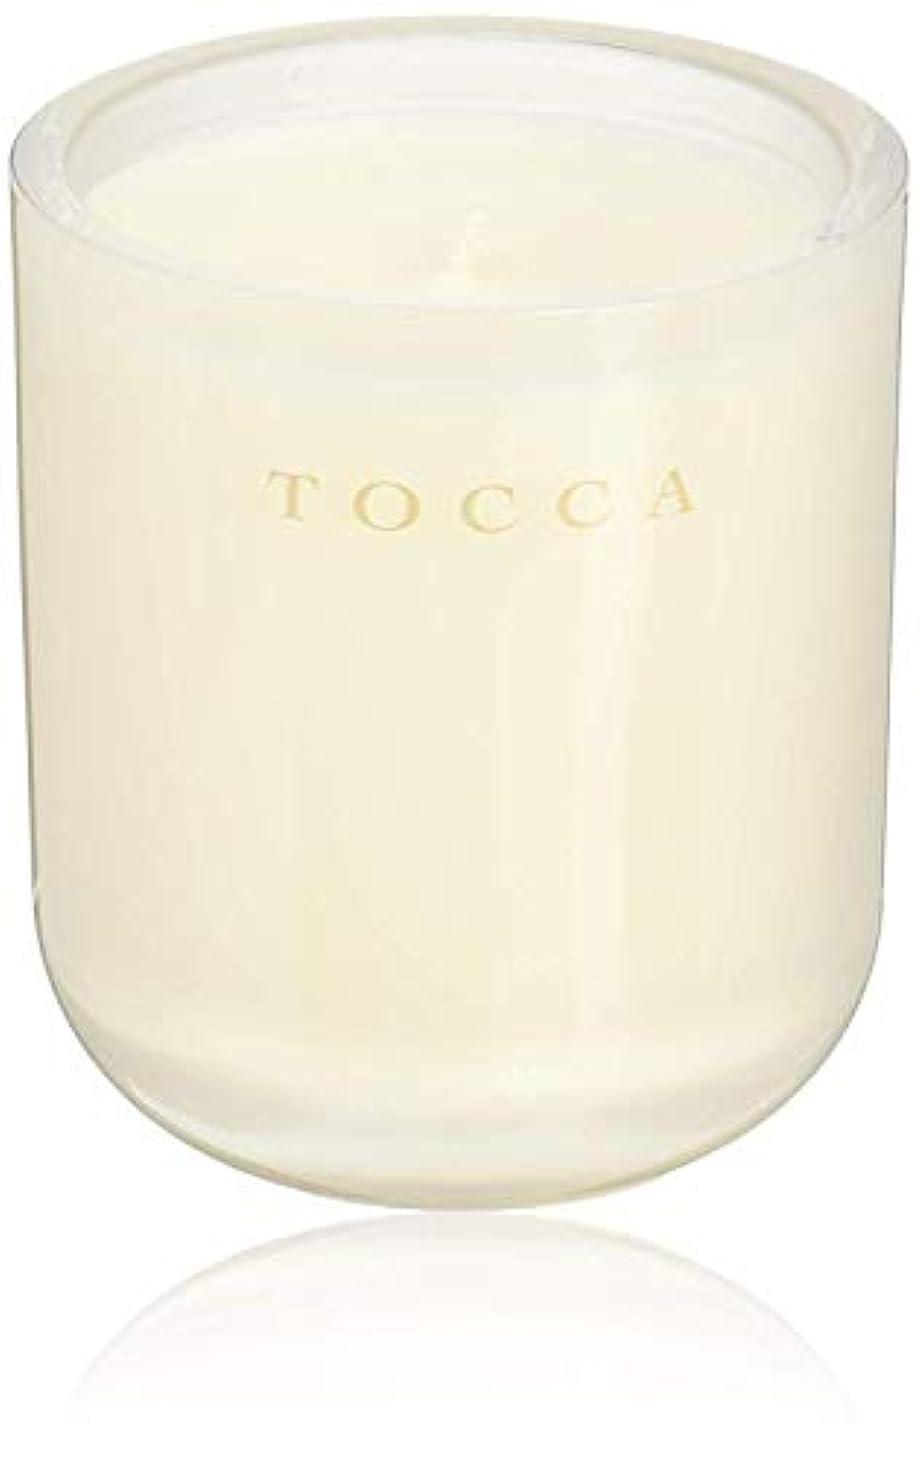 TOCCA(トッカ) ボヤージュ キャンドル ボラボラ 287g (ろうそく 芳香 バニラとジャスミンの甘く柔らかな香り)